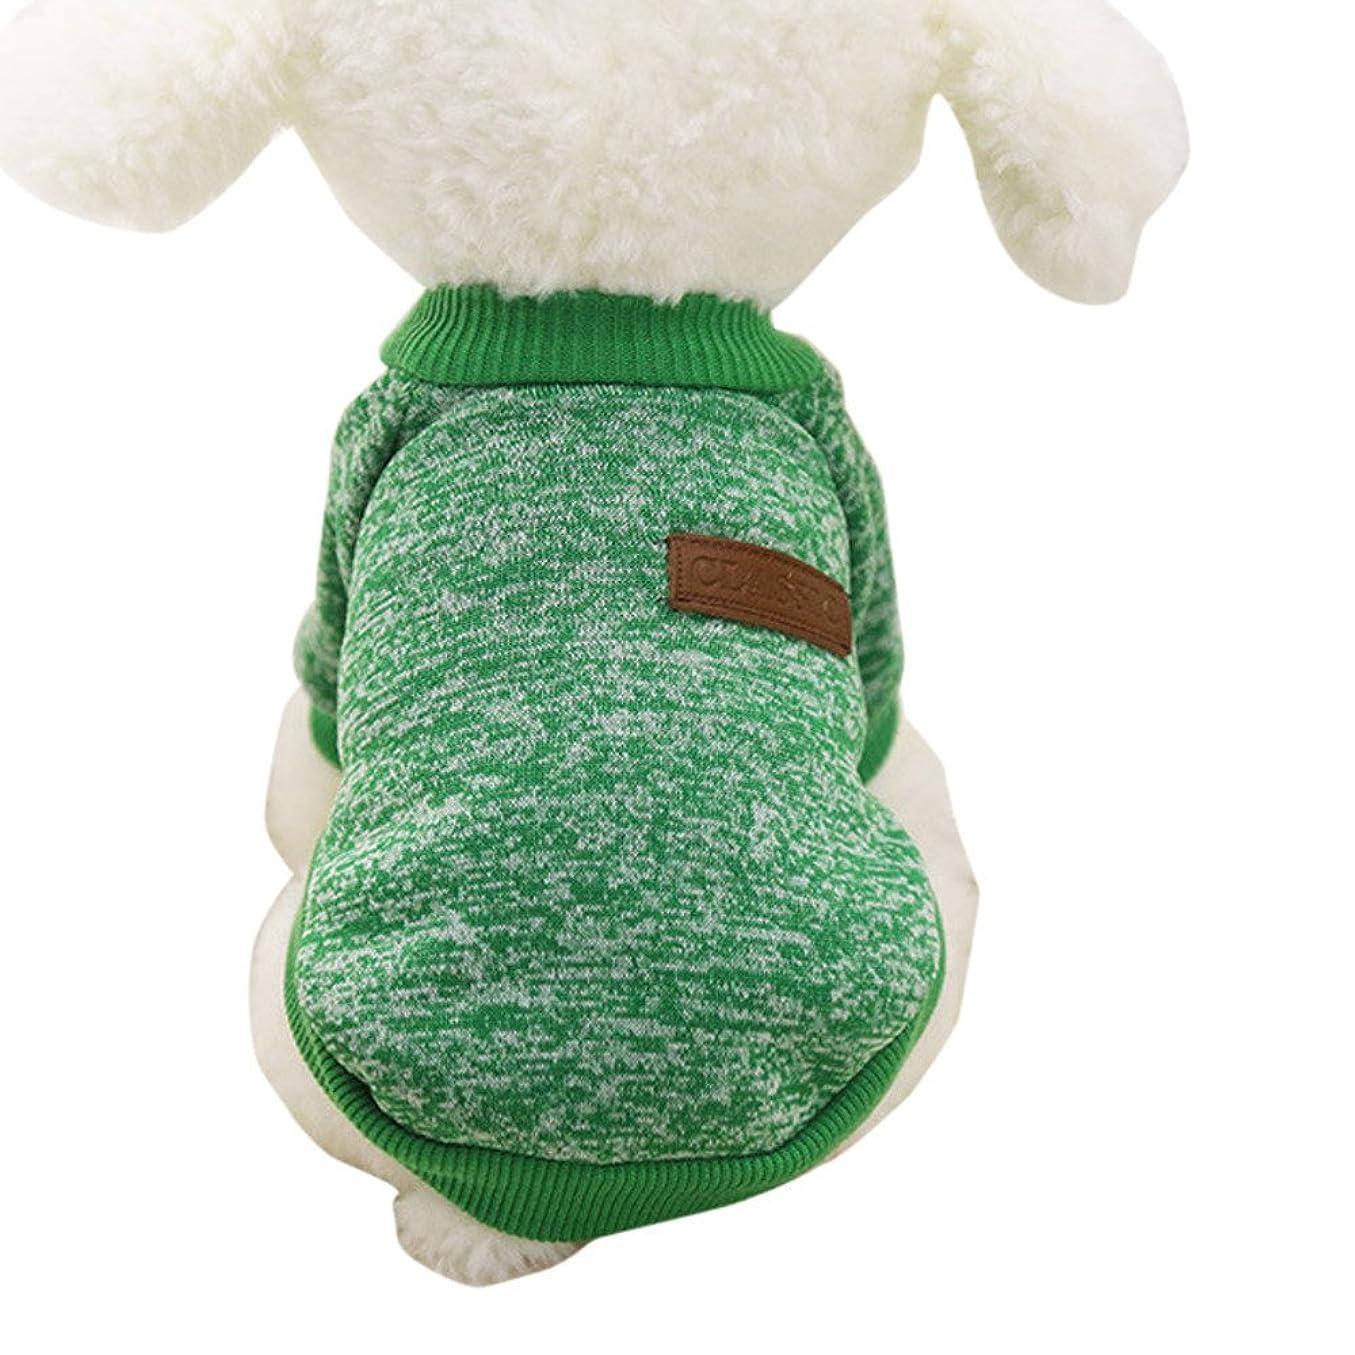 ショートカット赤外線申請中ペット服 Joielma ドッグウェア セーター ニットトップス おしゃれ スウェット 無地トレーナー ペット用 犬用品 シンプル 可愛い洋服 子猫 犬の服 イヌ 超小型犬 小型犬 中型犬 お出掛け お散歩